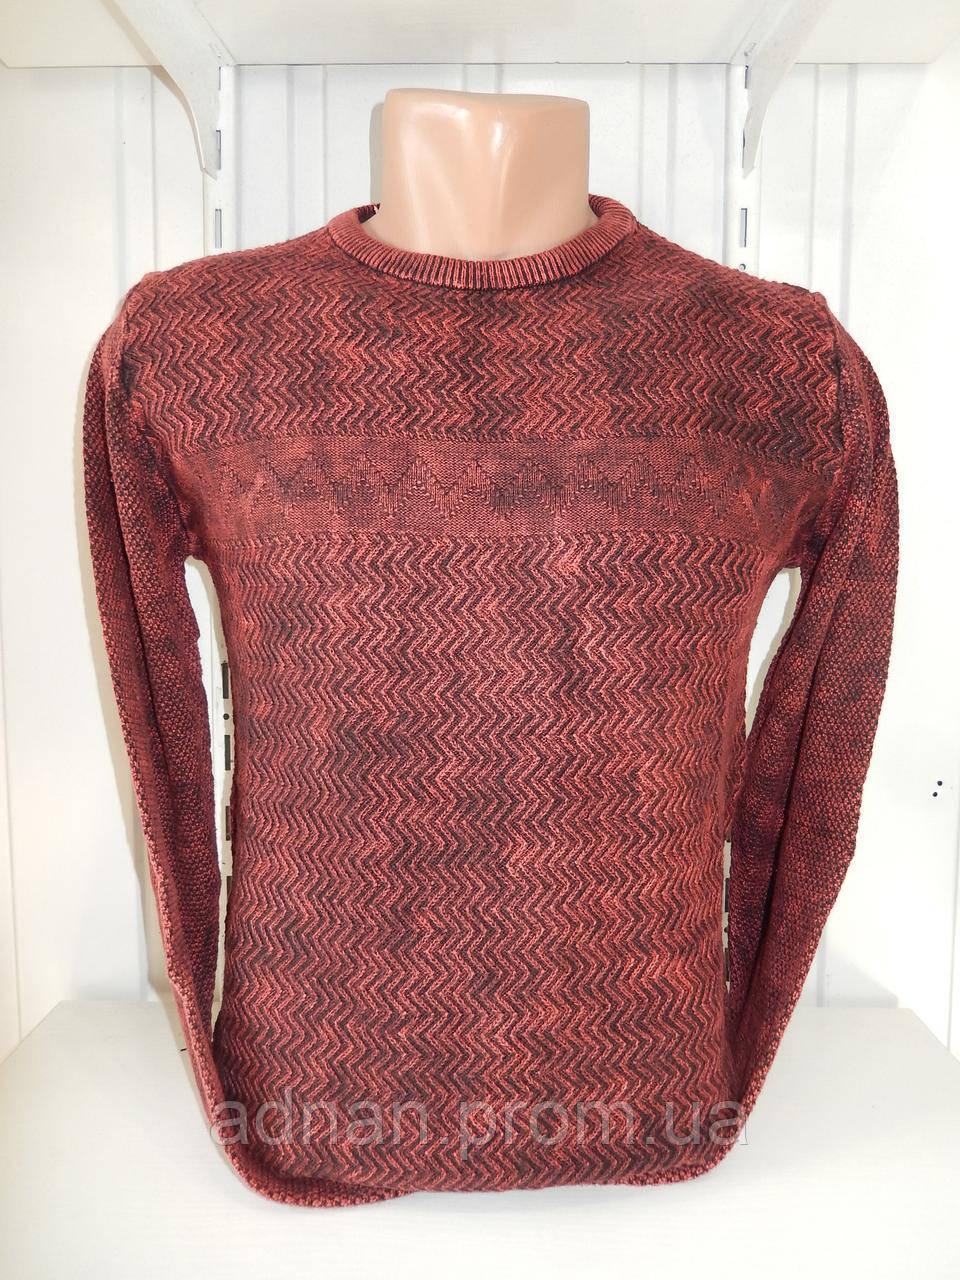 Свитер мужской DULGER, варенка  №0470 002/ купиь свитер мужской оптом